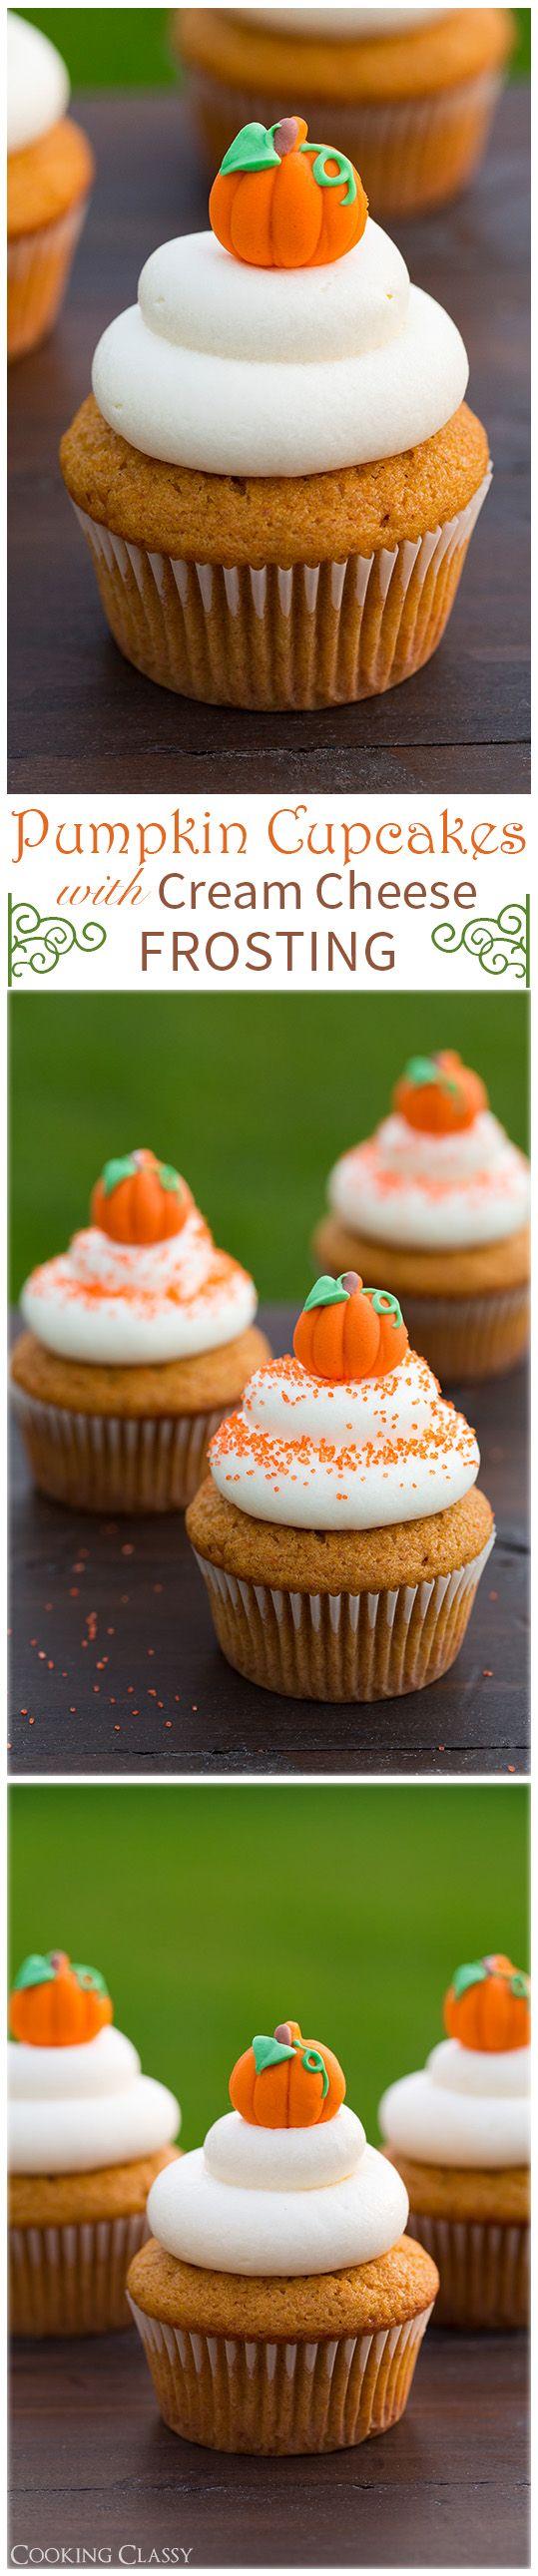 DIY Pumpkin Ideas 27